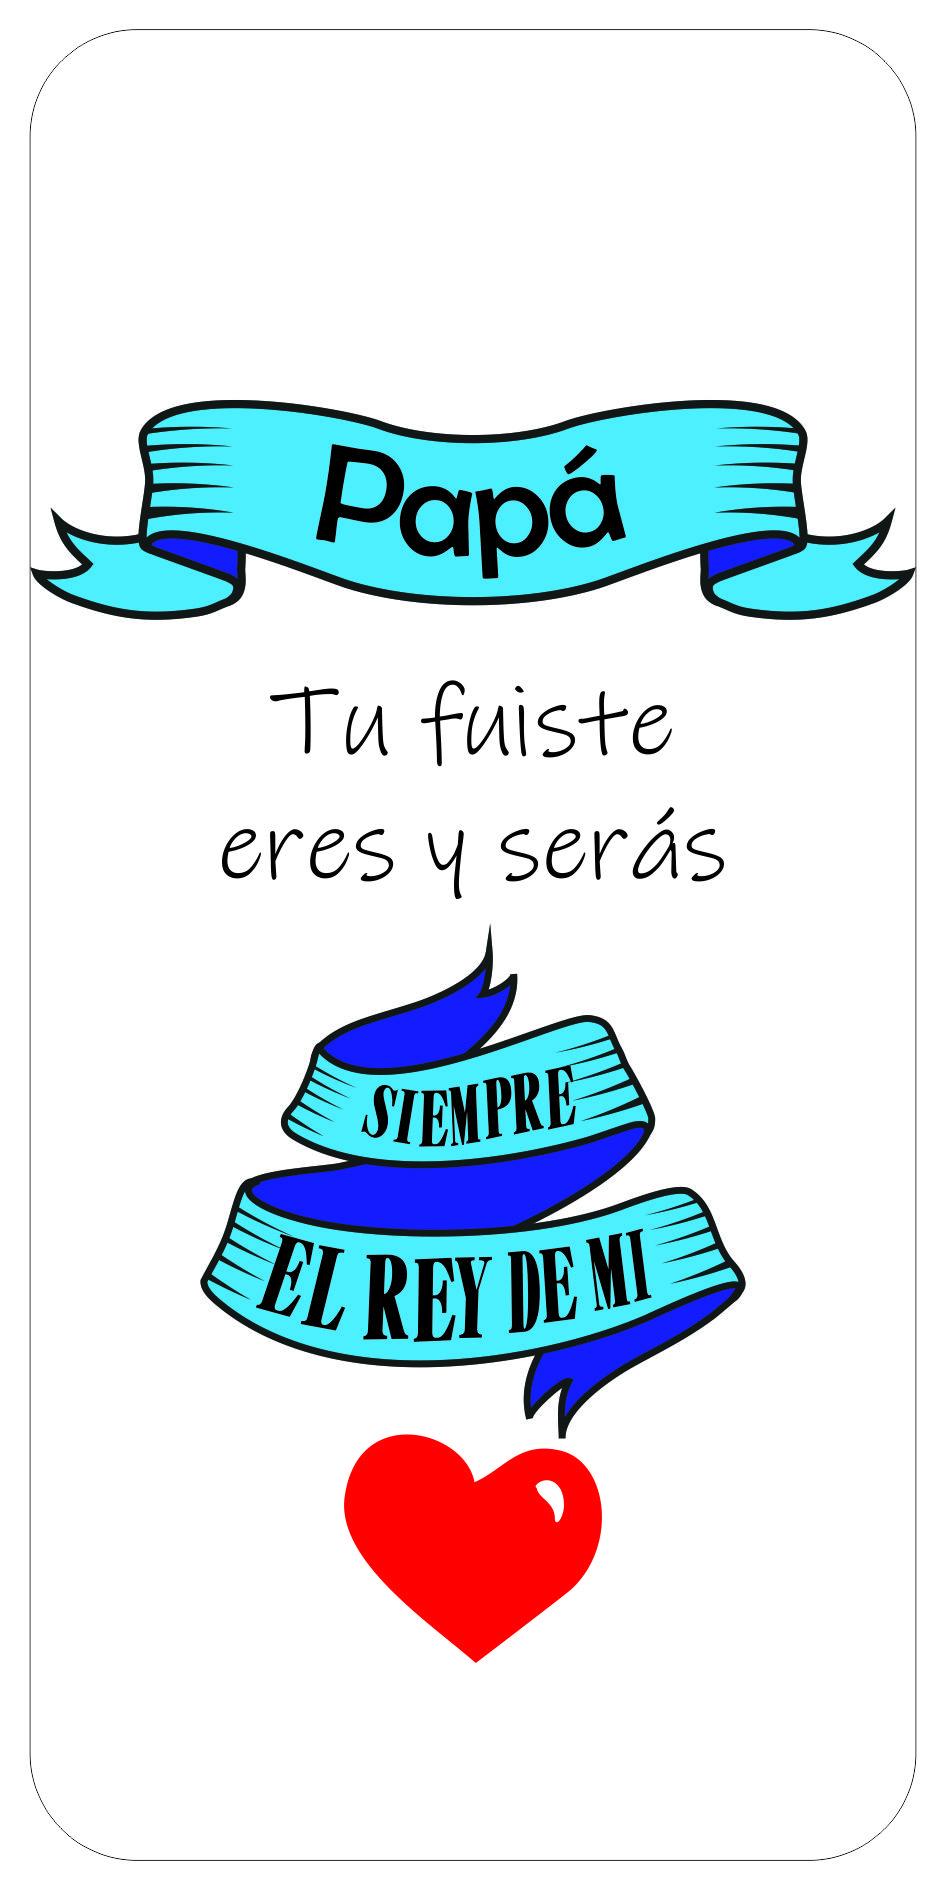 Papá 004